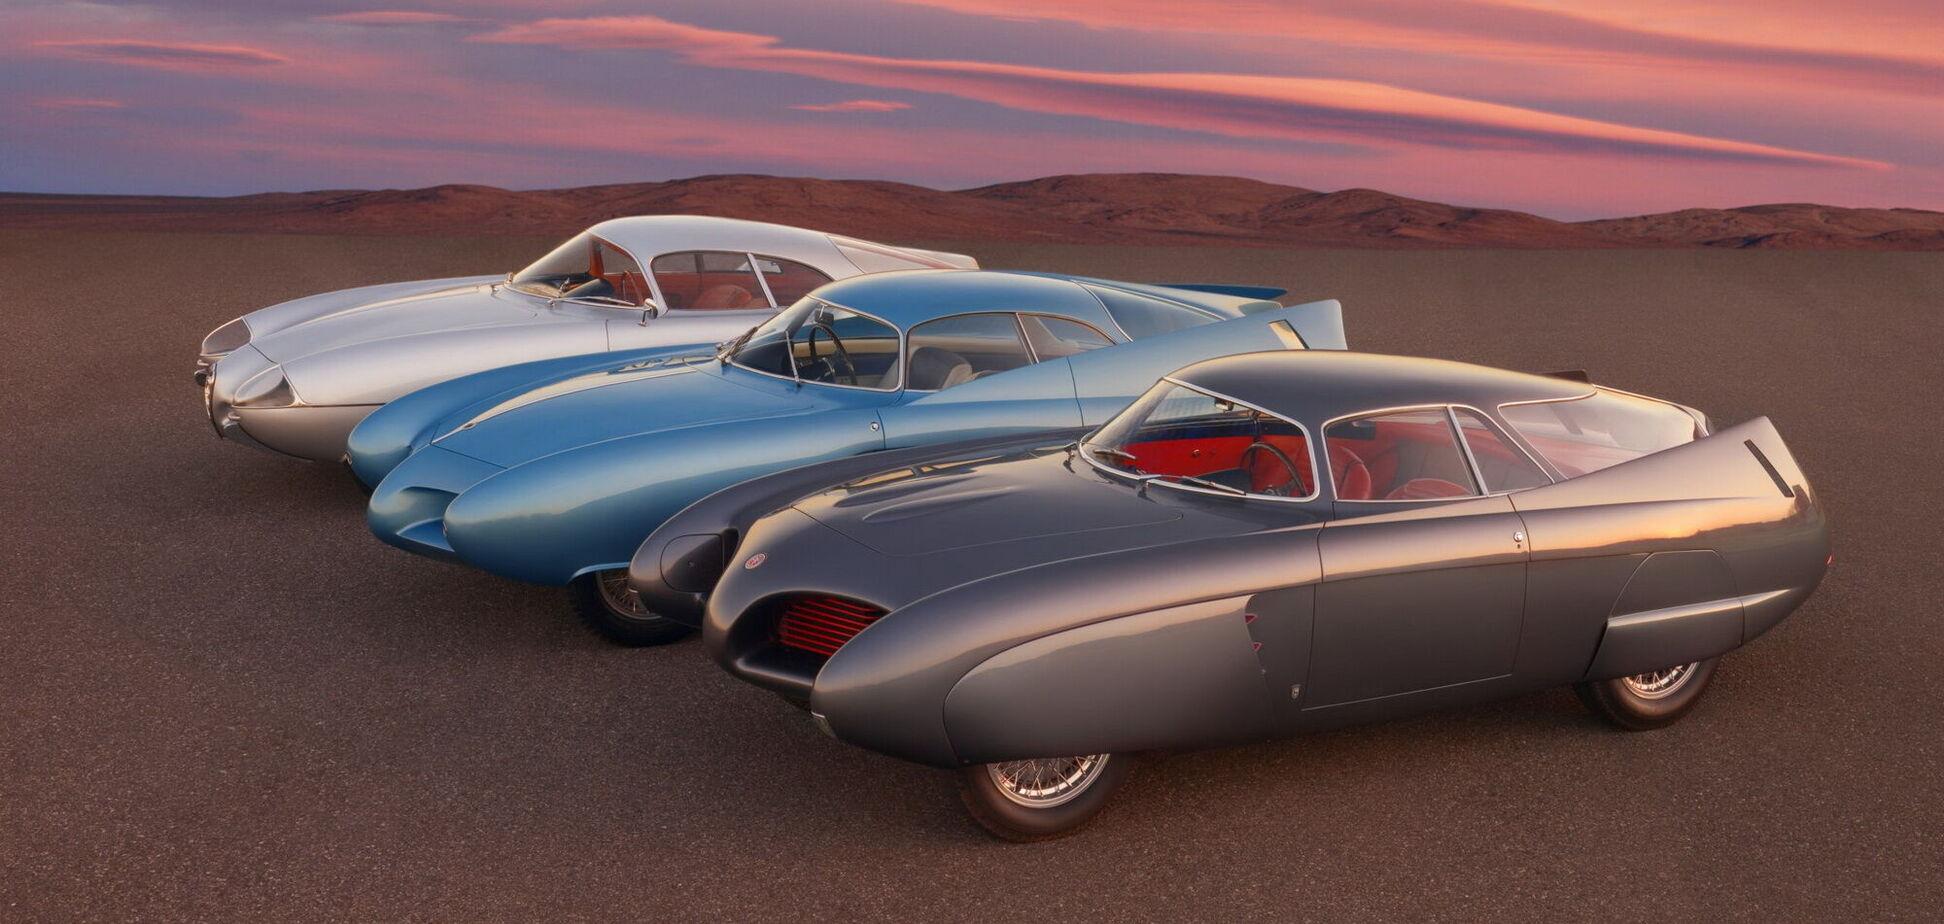 Опубликован список самых дорогих автомобилей 2020 года